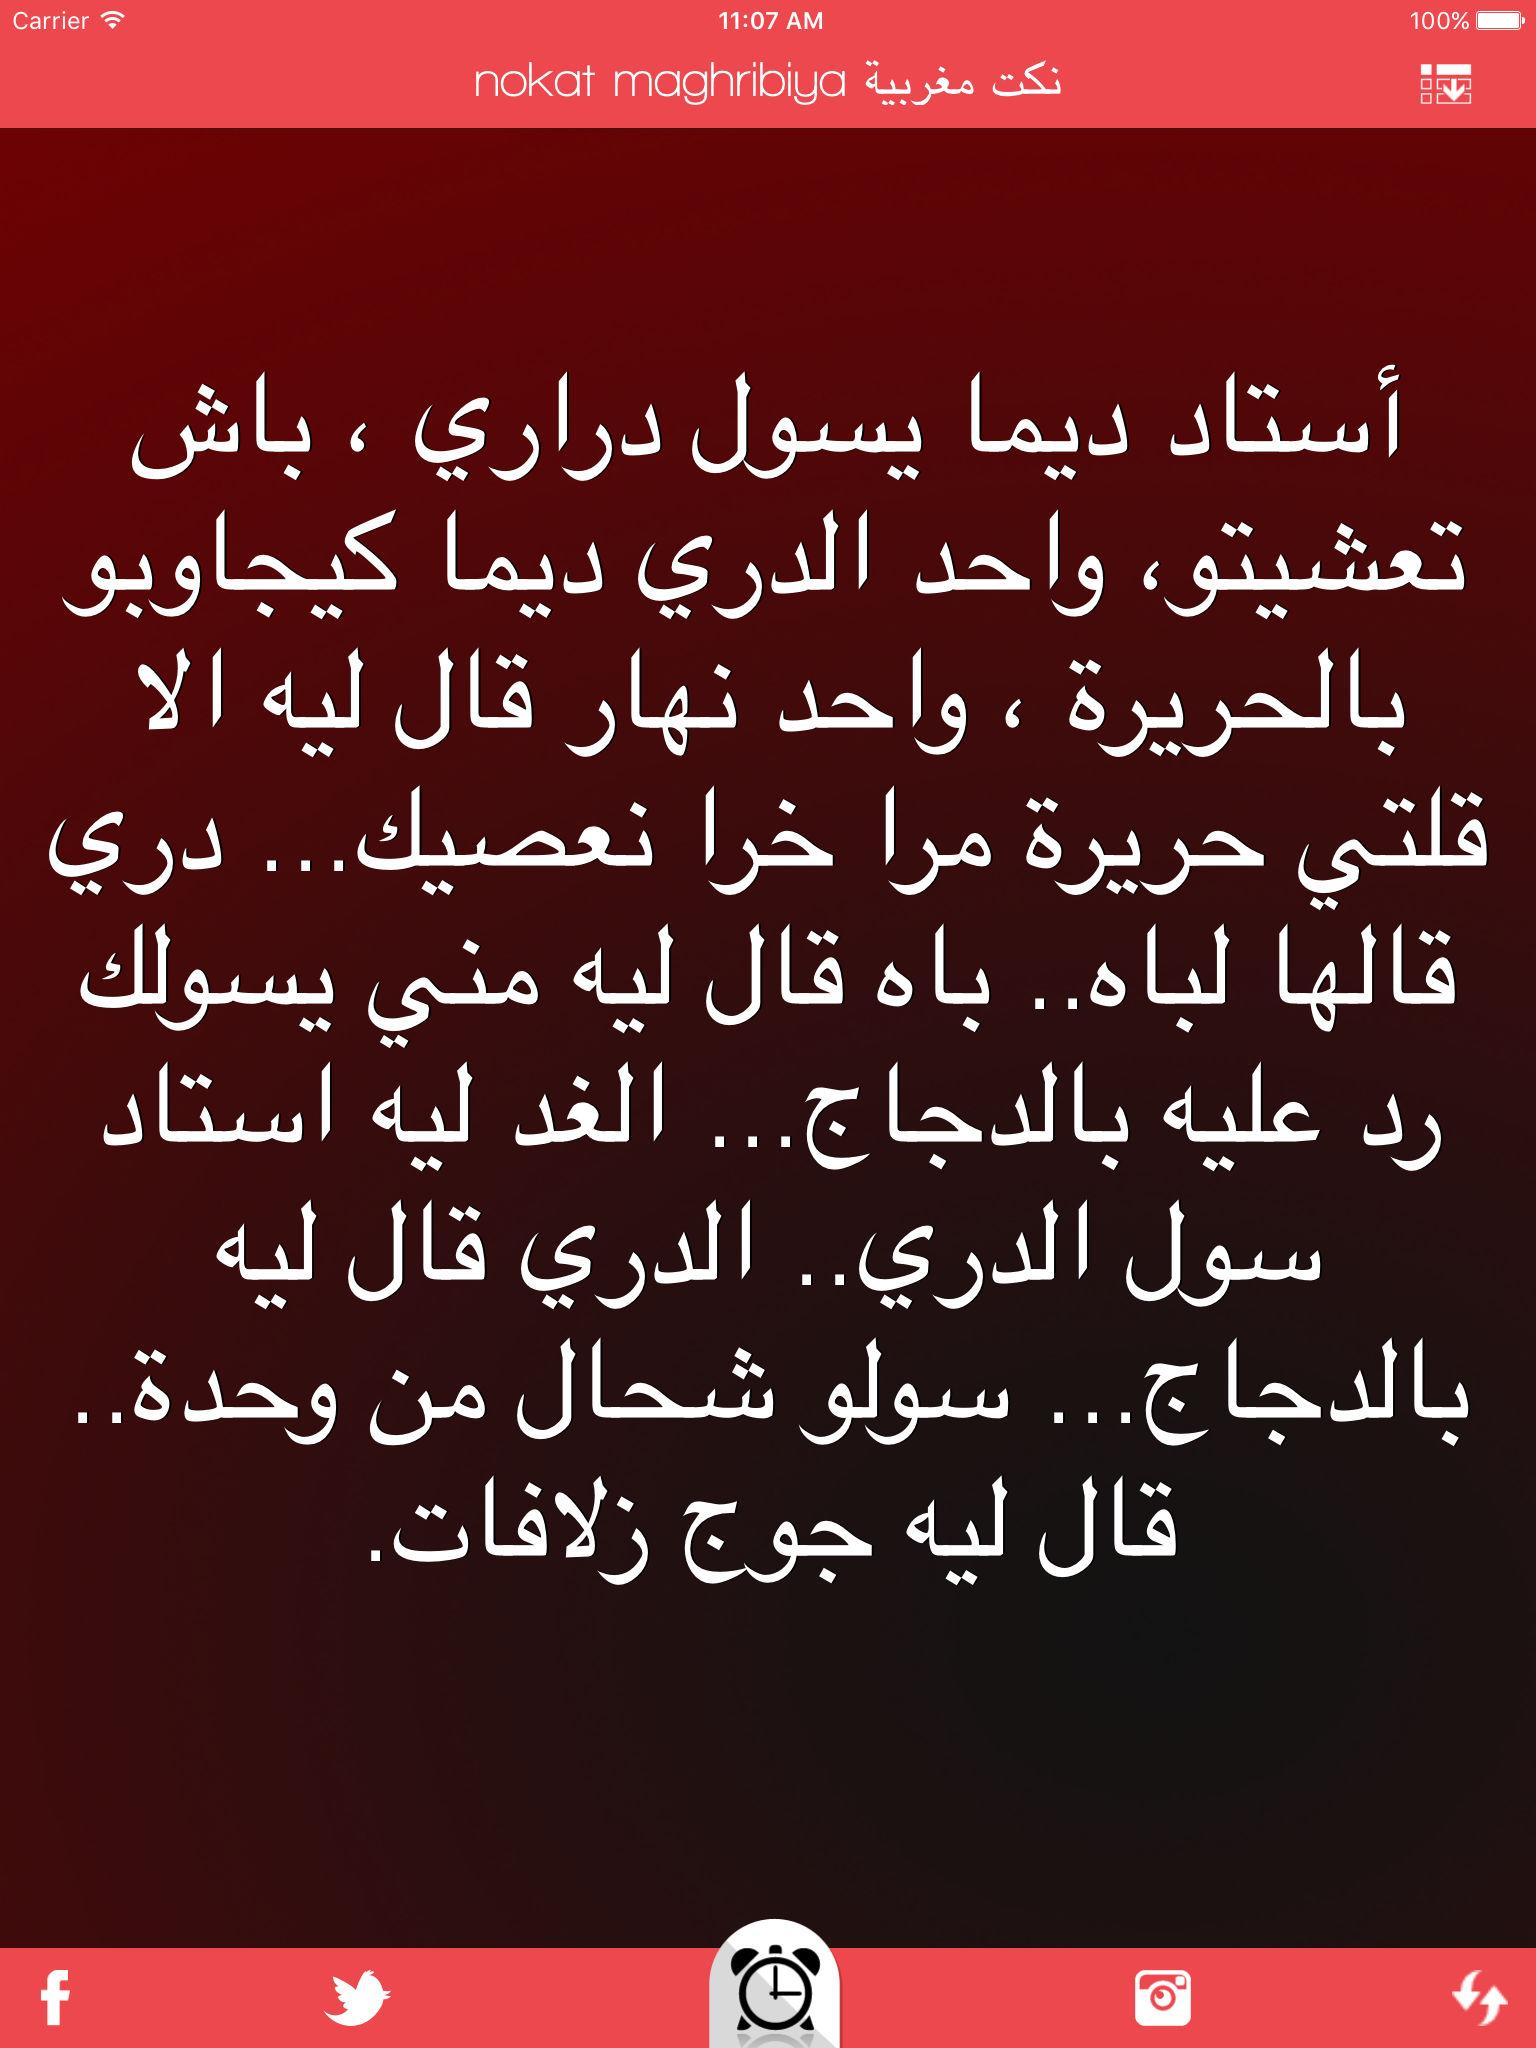 بالصور نكت مغربية مضحكة , اجمد النكت المغربيه 3221 8